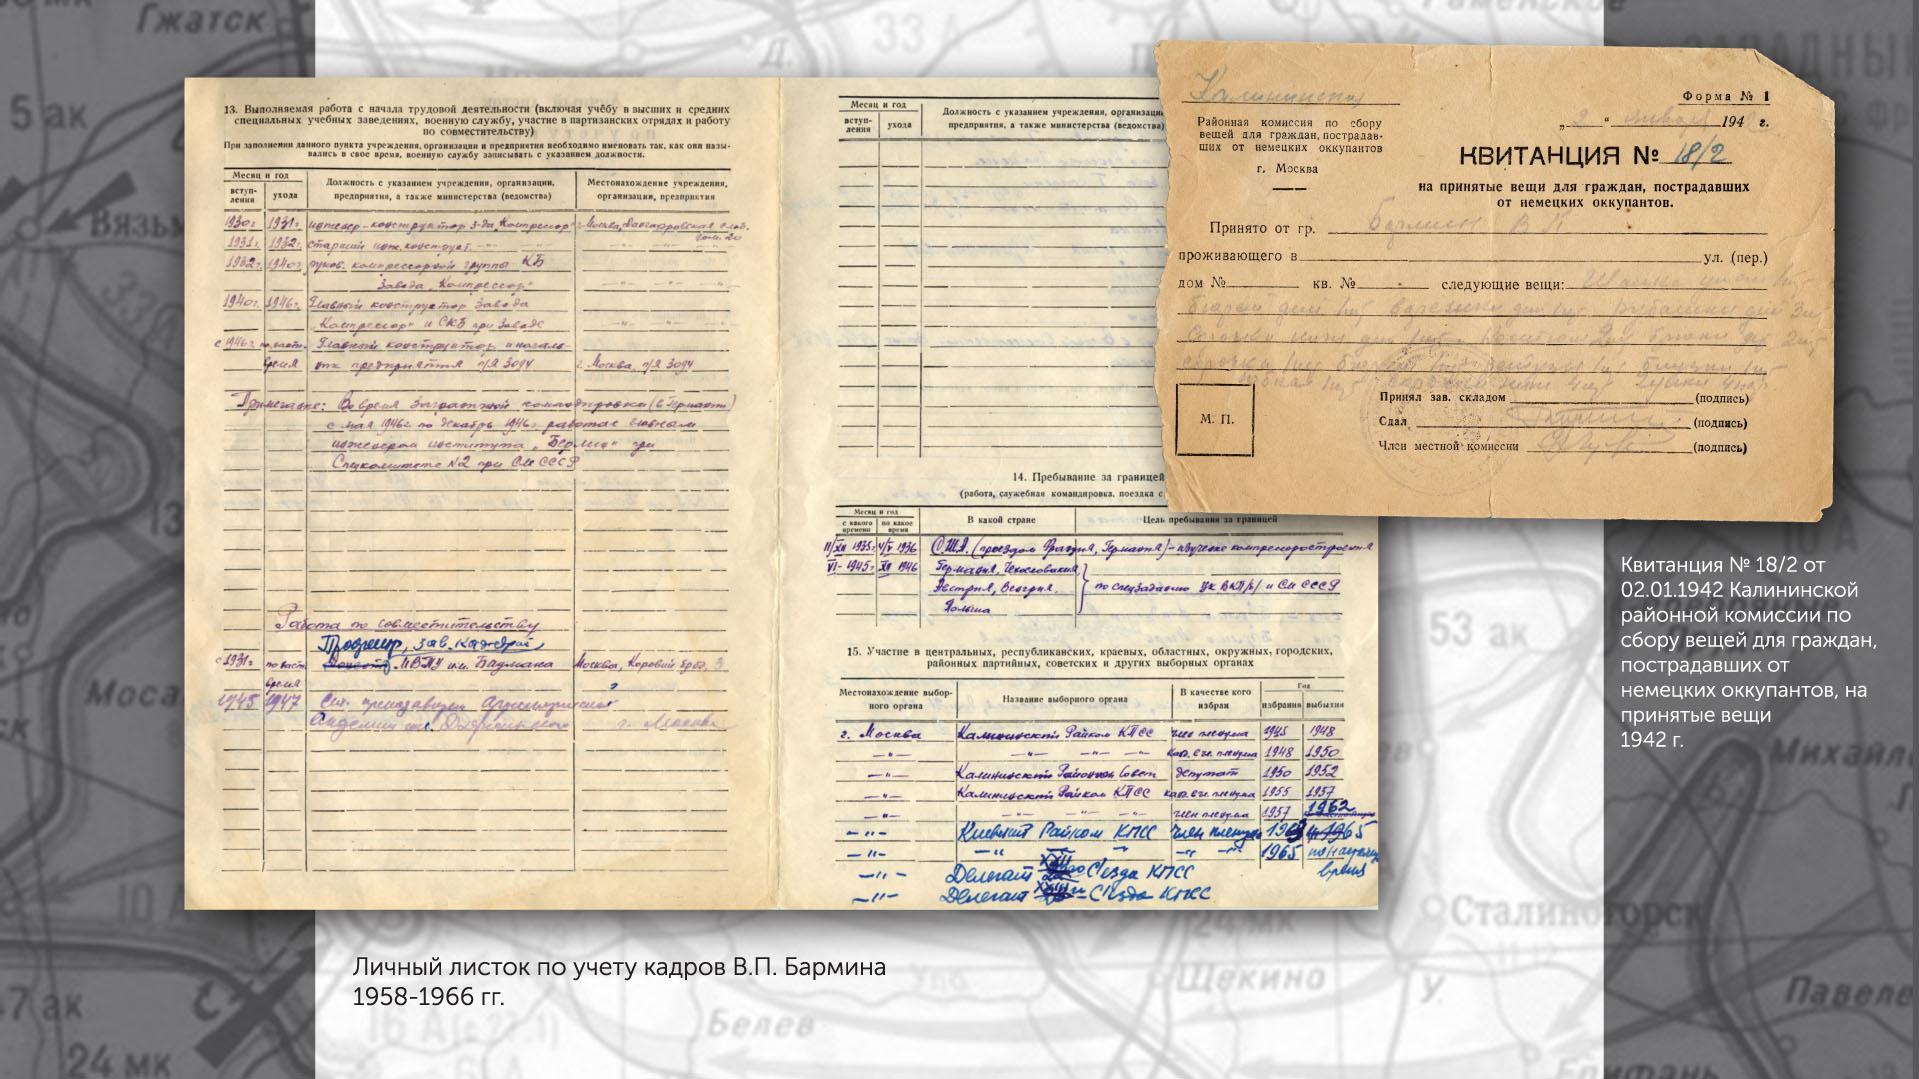 Личный листок по учету кадров В.П. Бармина